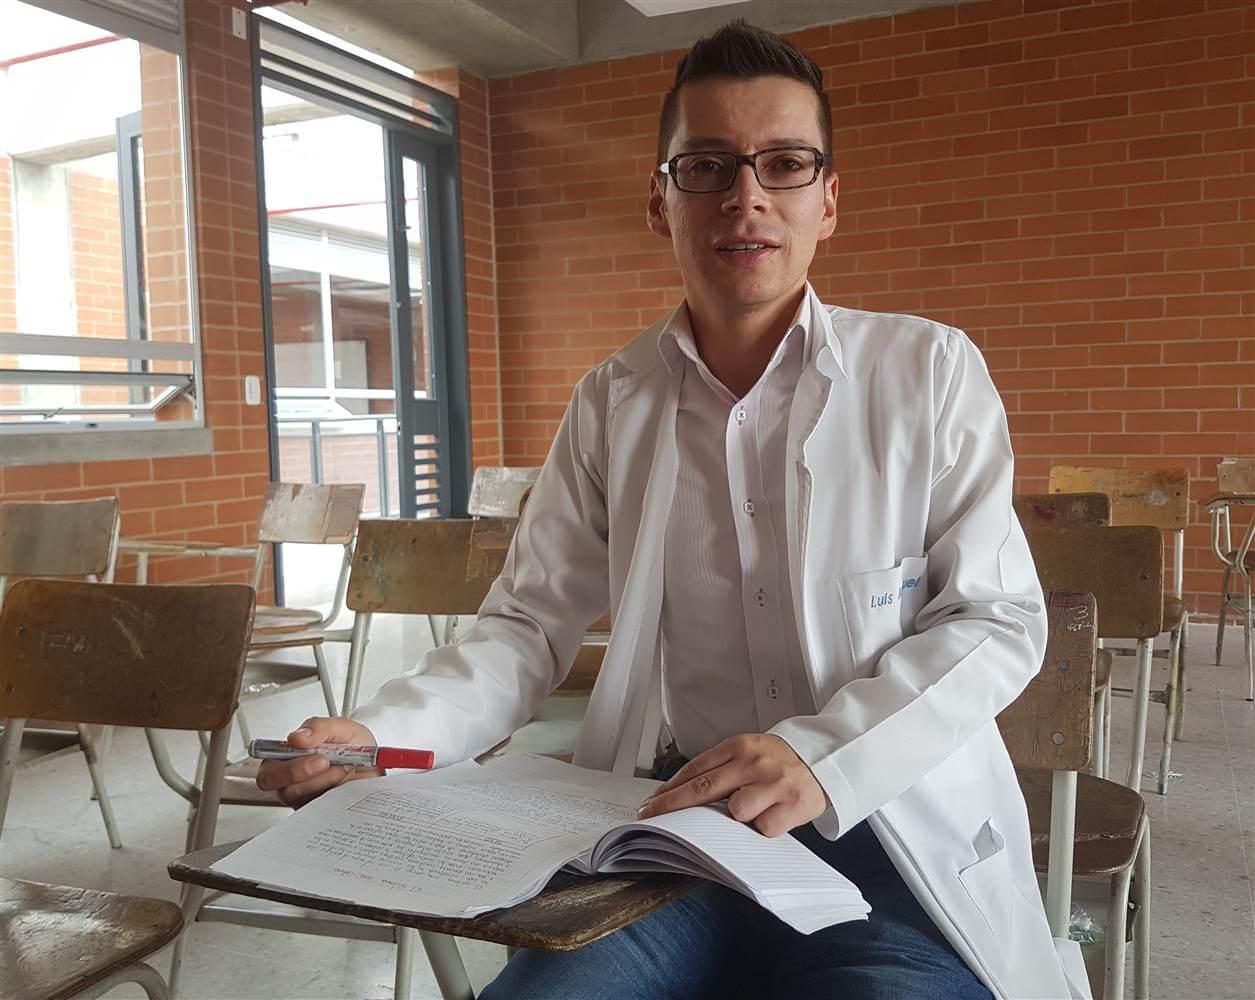 Λουίς Μιγκουέλ Μπερμούντες καθιστός σε τάξη